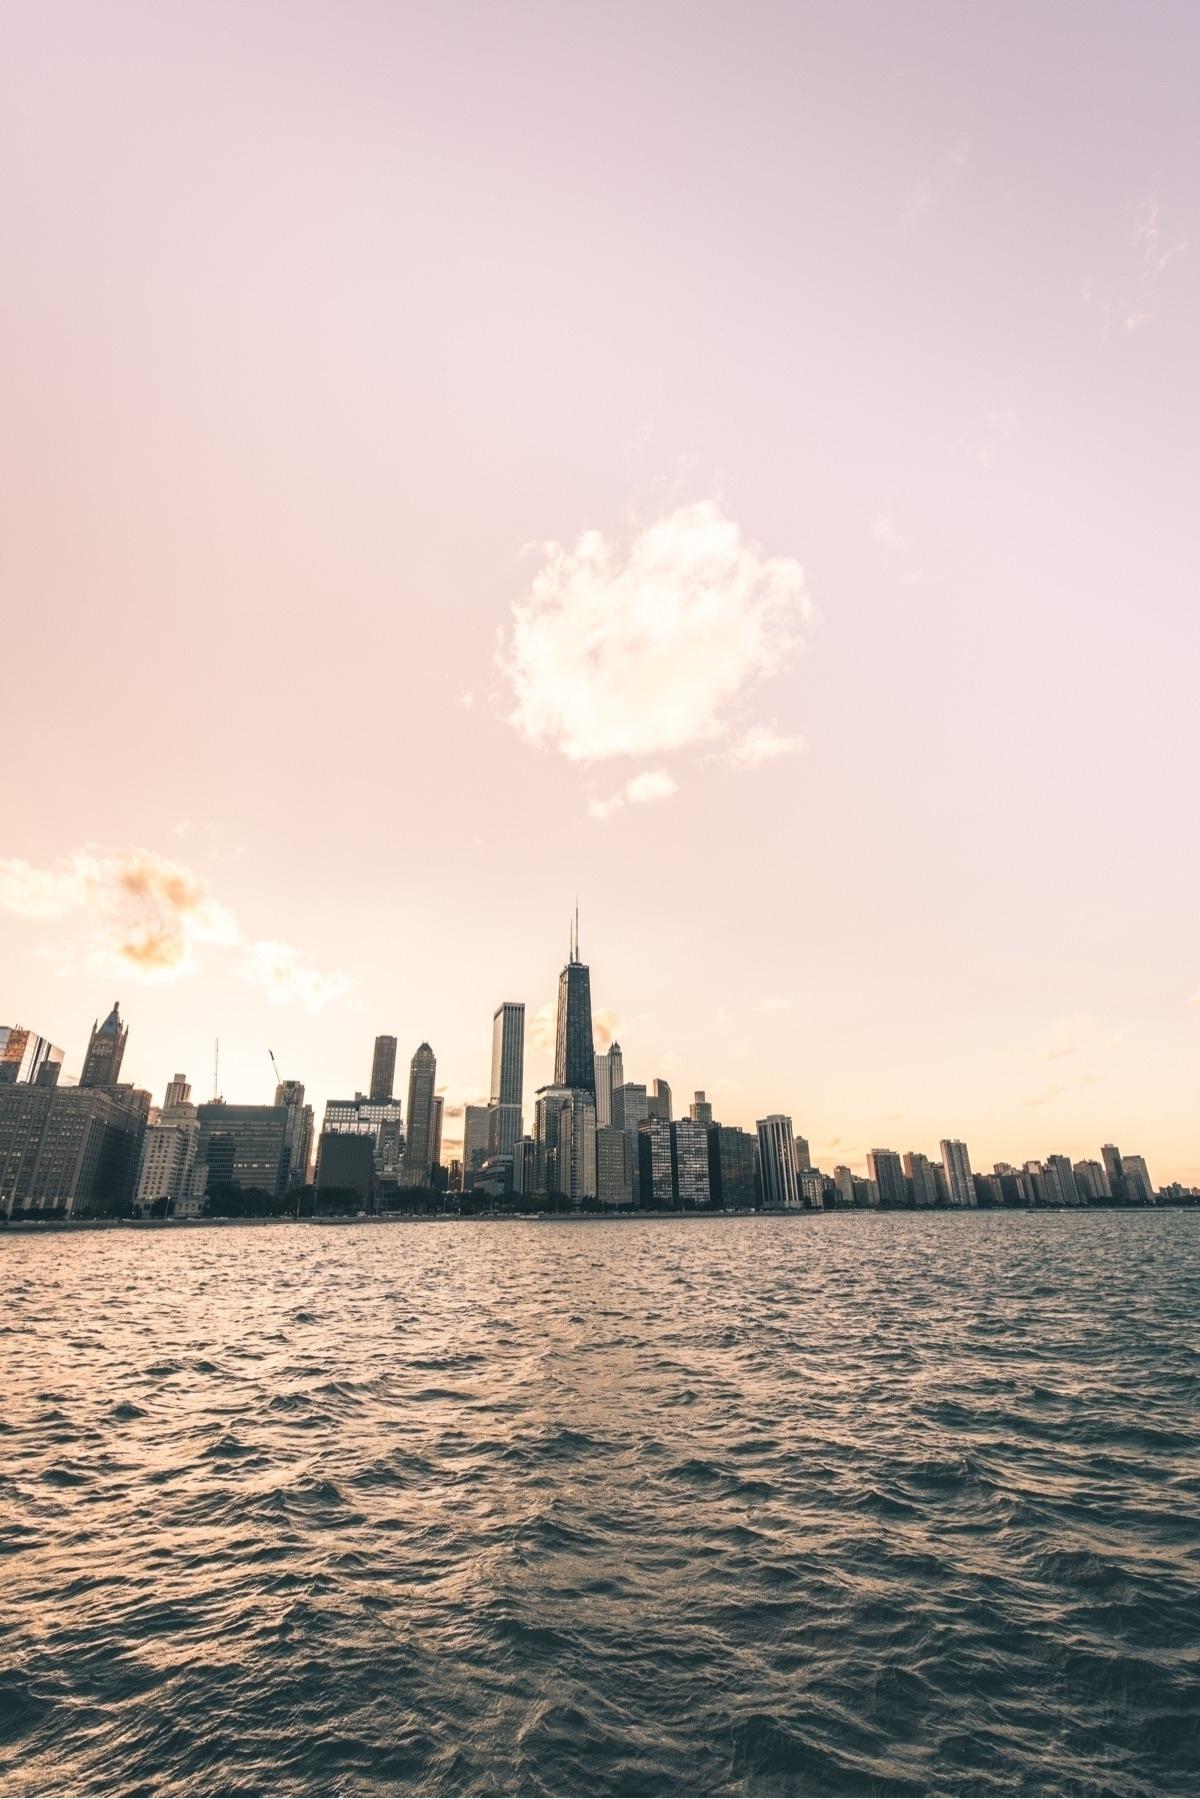 love perspective shot, city sta - kfvisual | ello